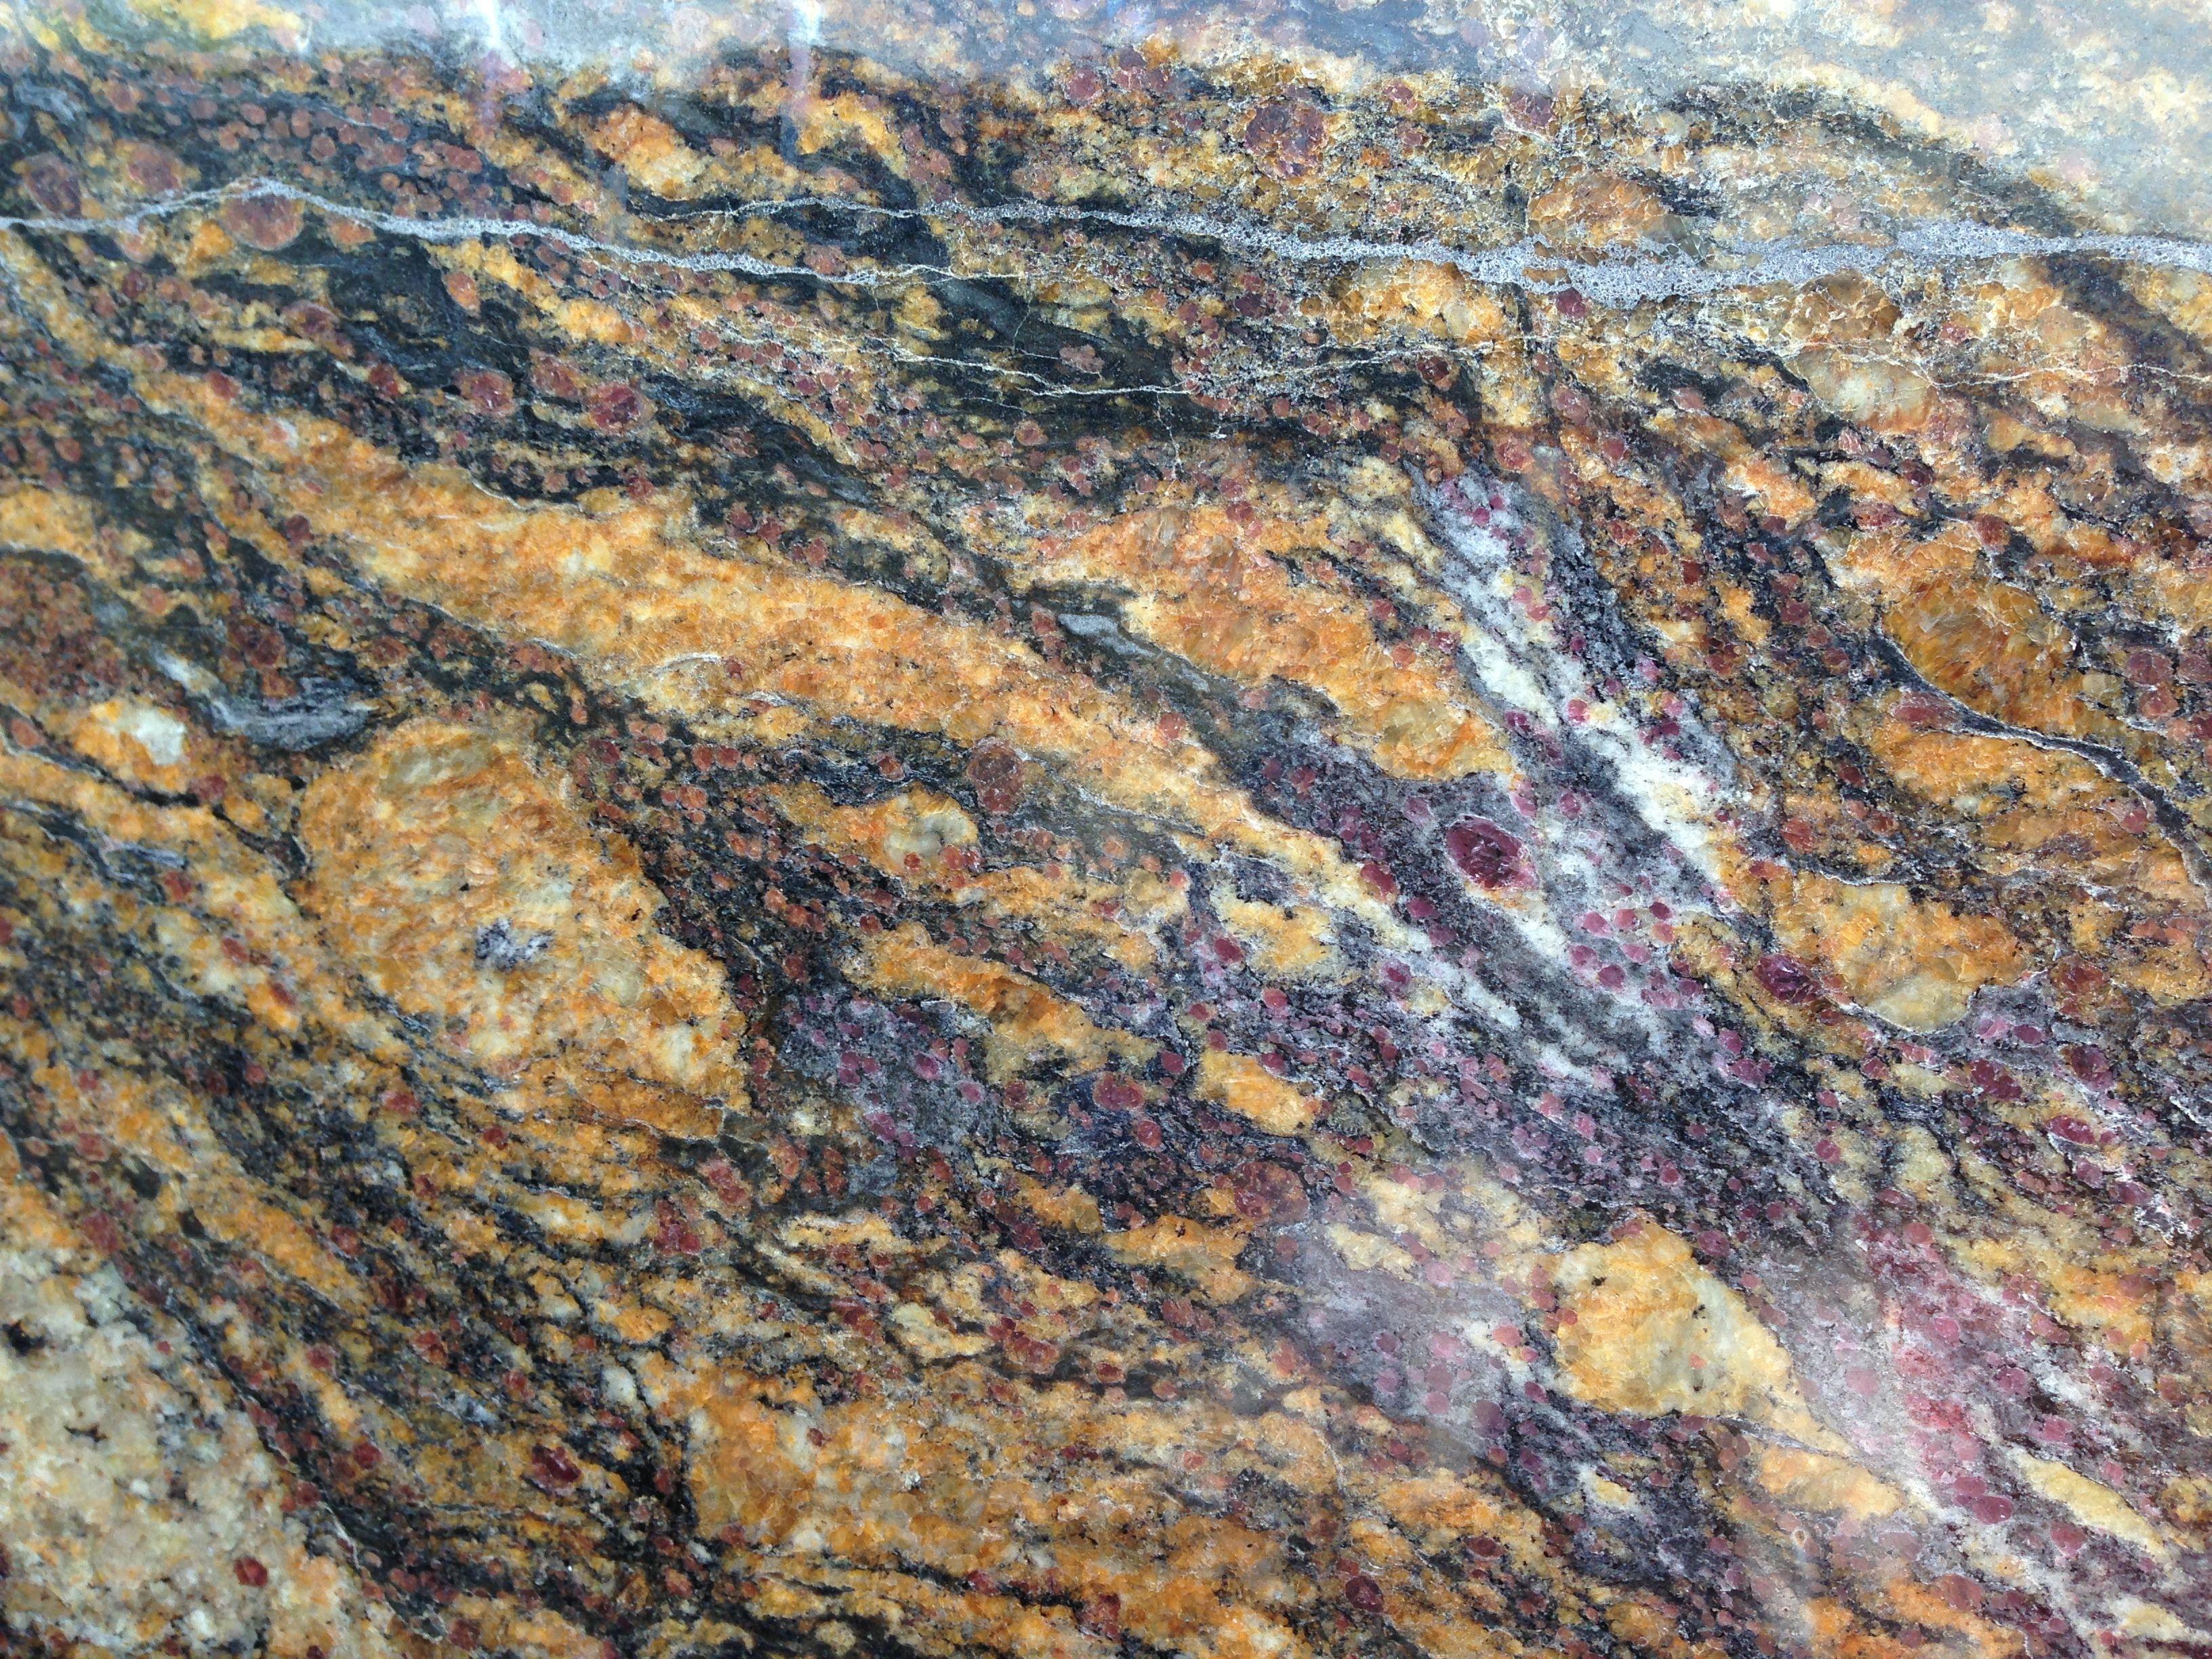 Blue Fire Granite Idea For Bar Countertop Rustic Kitchen Design Rustic Kitchen Granite